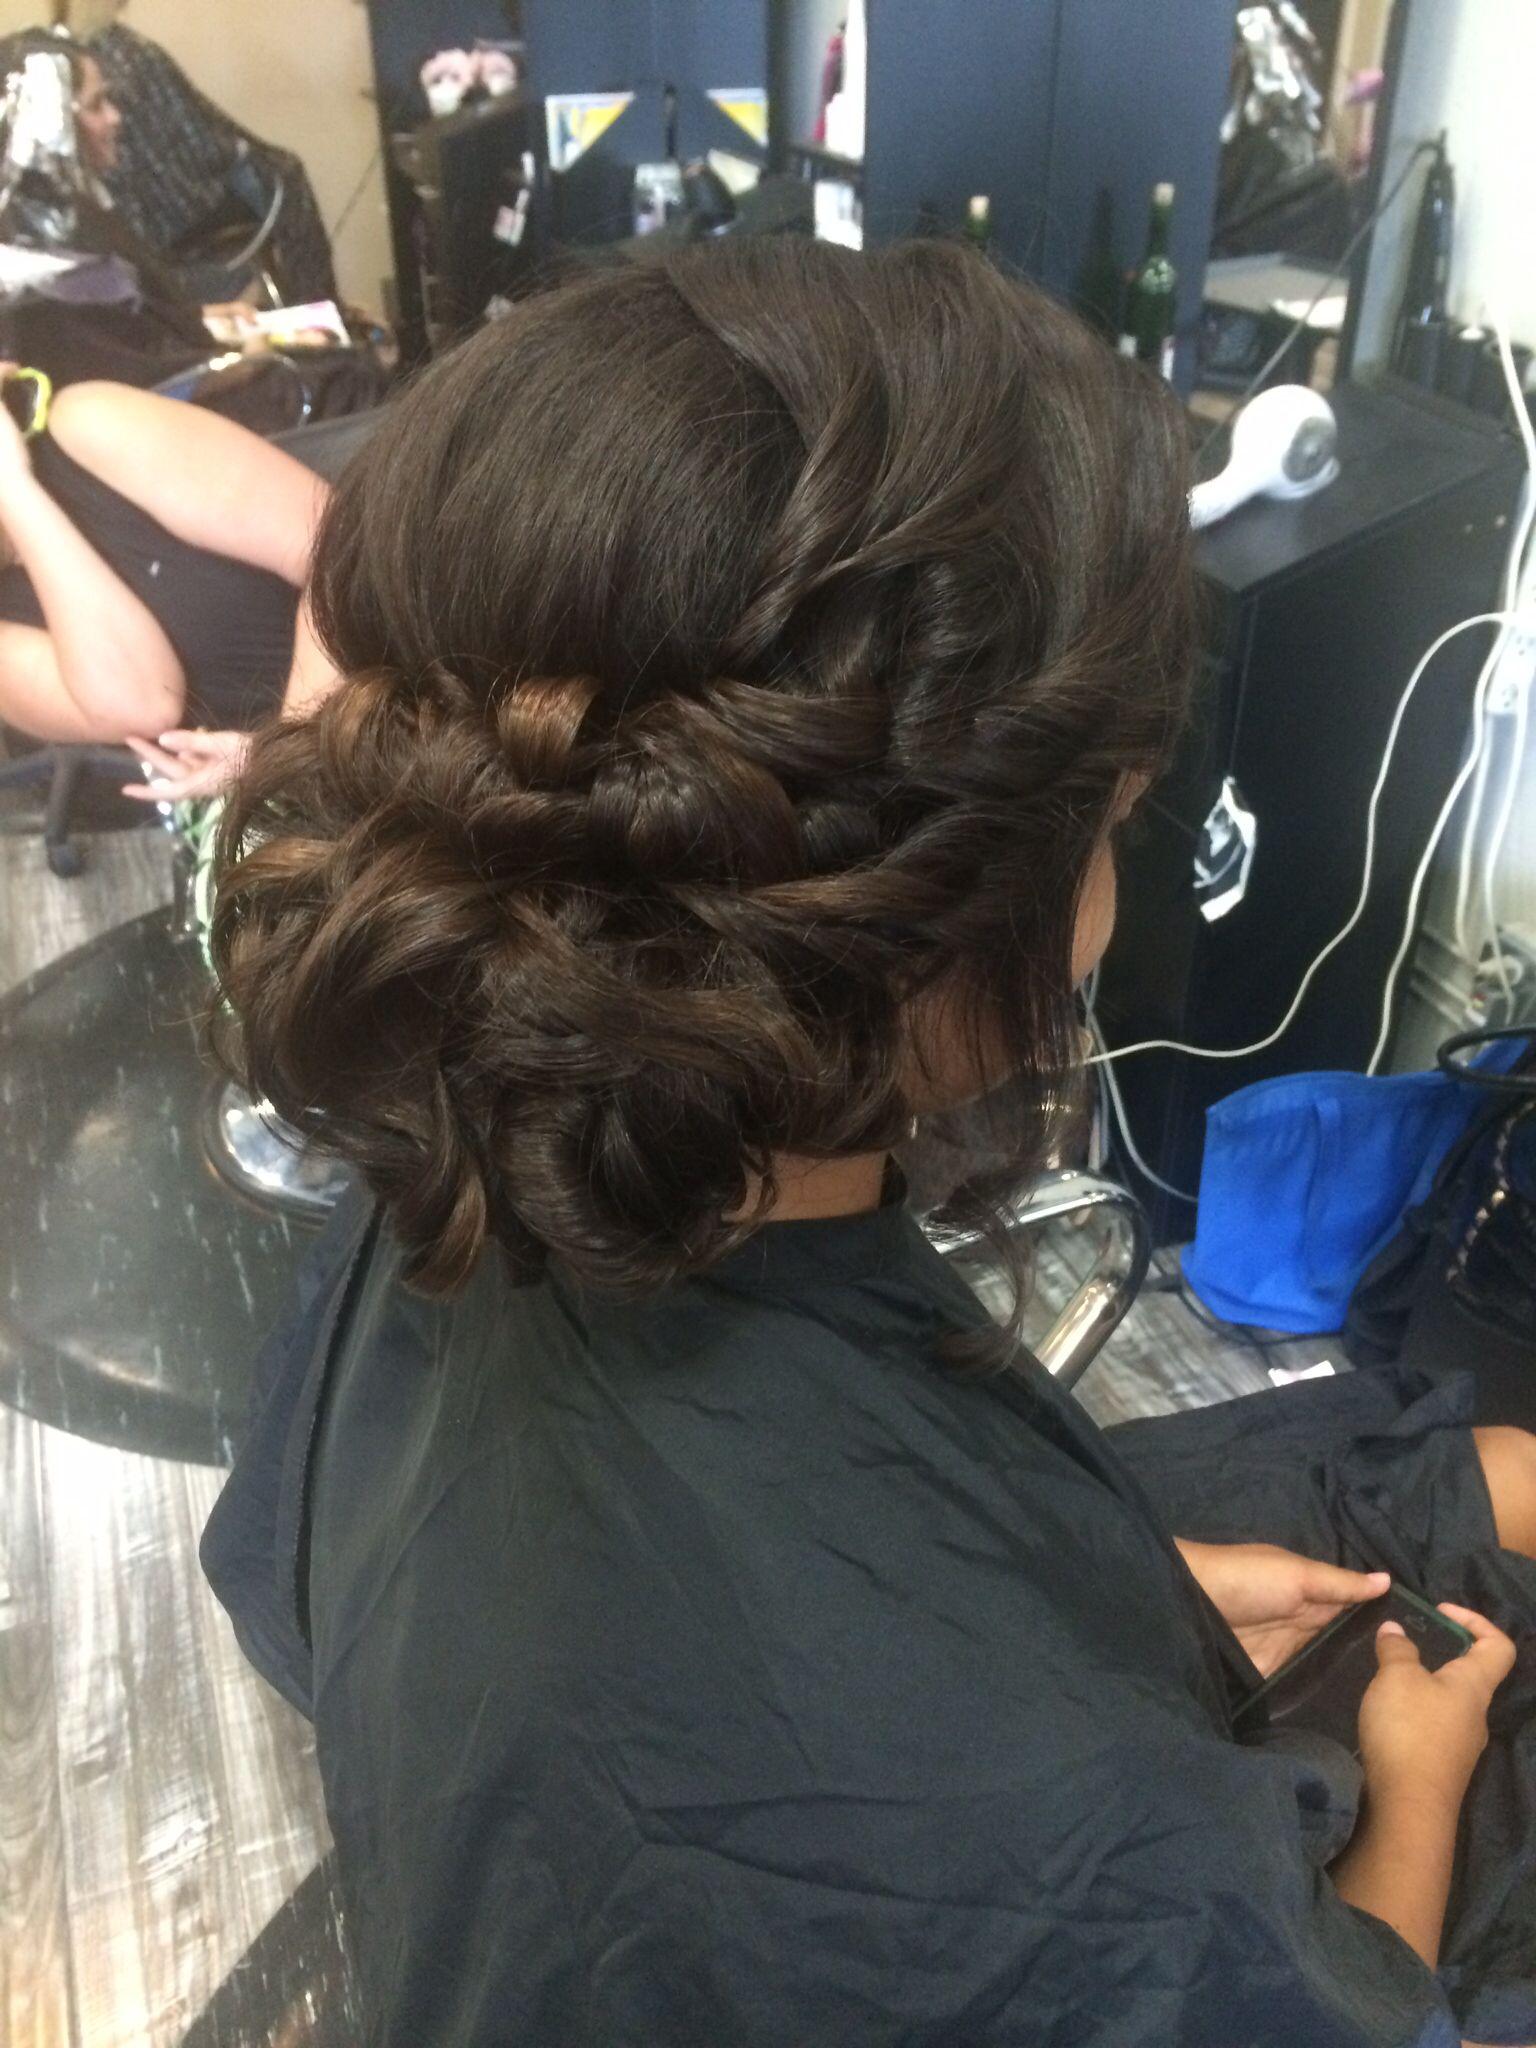 Updo, Hair by Jayleen, Hot Seat Salon, San Diego salon, San Diego hairstylist, bridal, texture